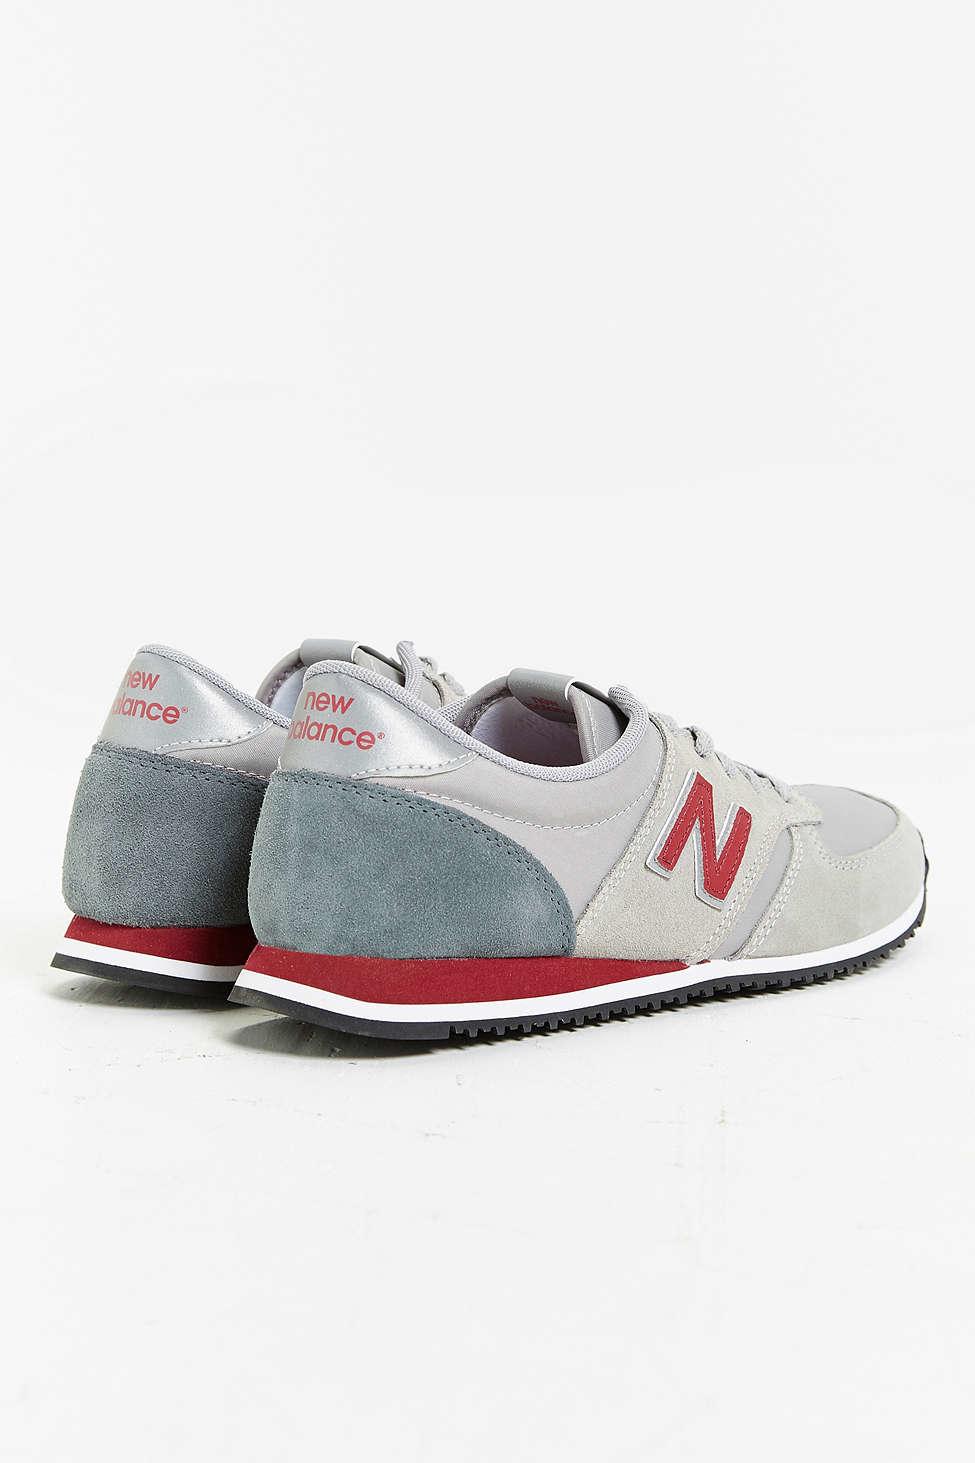 new balance mens 70s running 420 classics running shoe